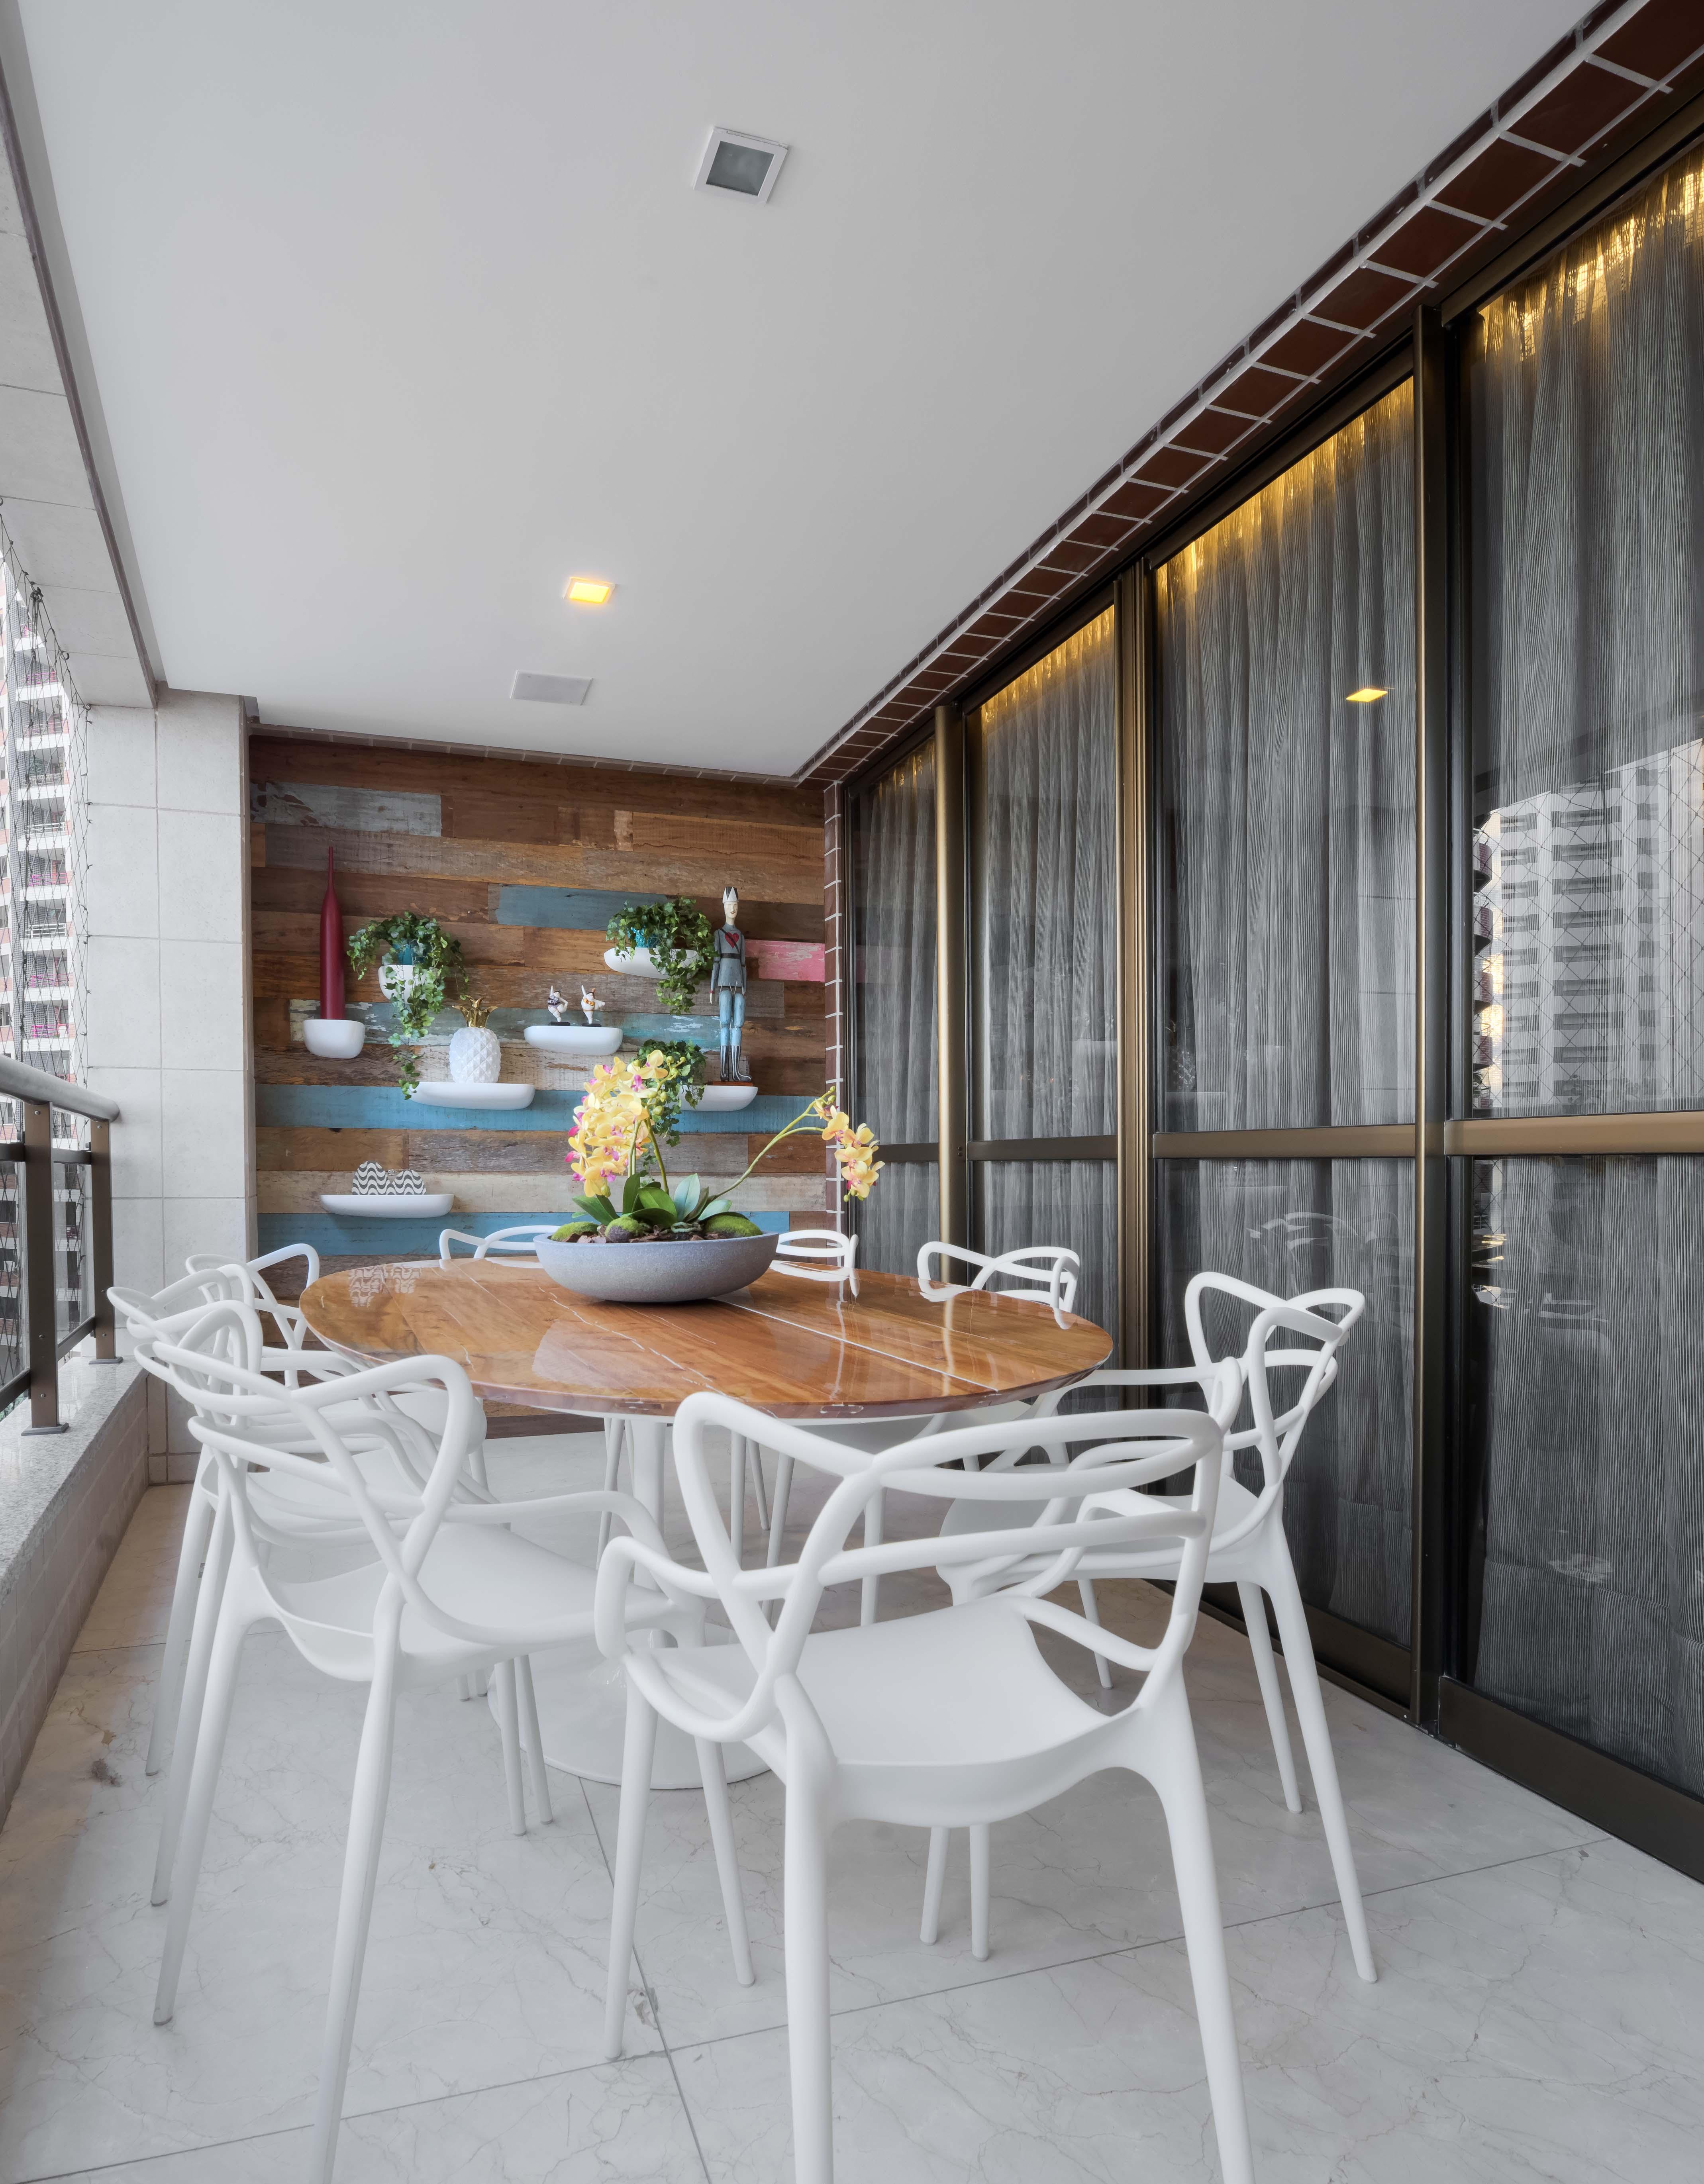 Varanda com prateleiras com plantinhas. Projeto Nogueira Arquitetura.